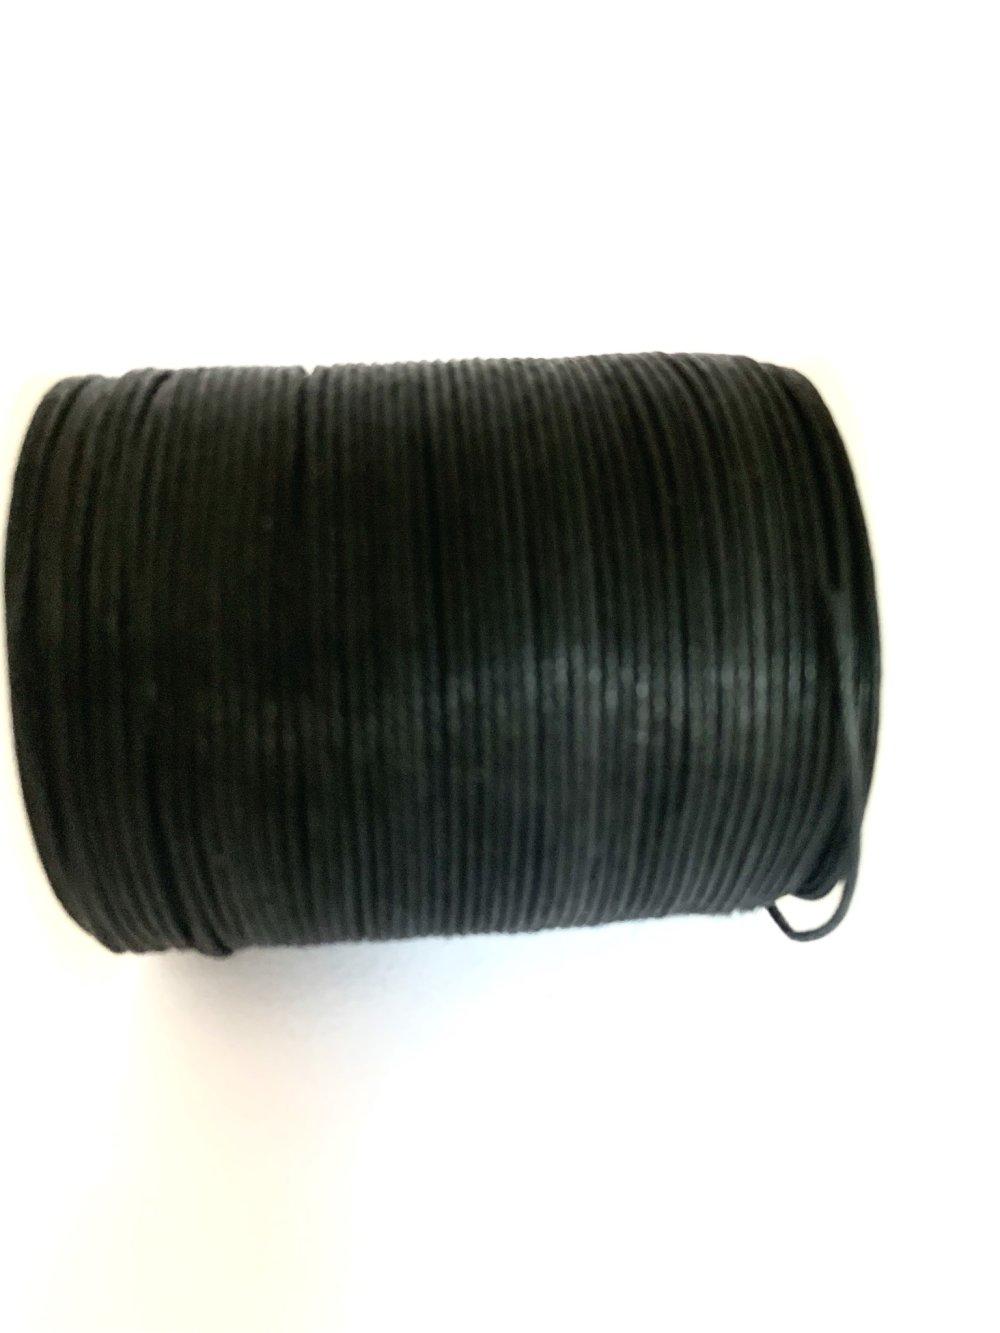 Fils coton noir 0,7mm